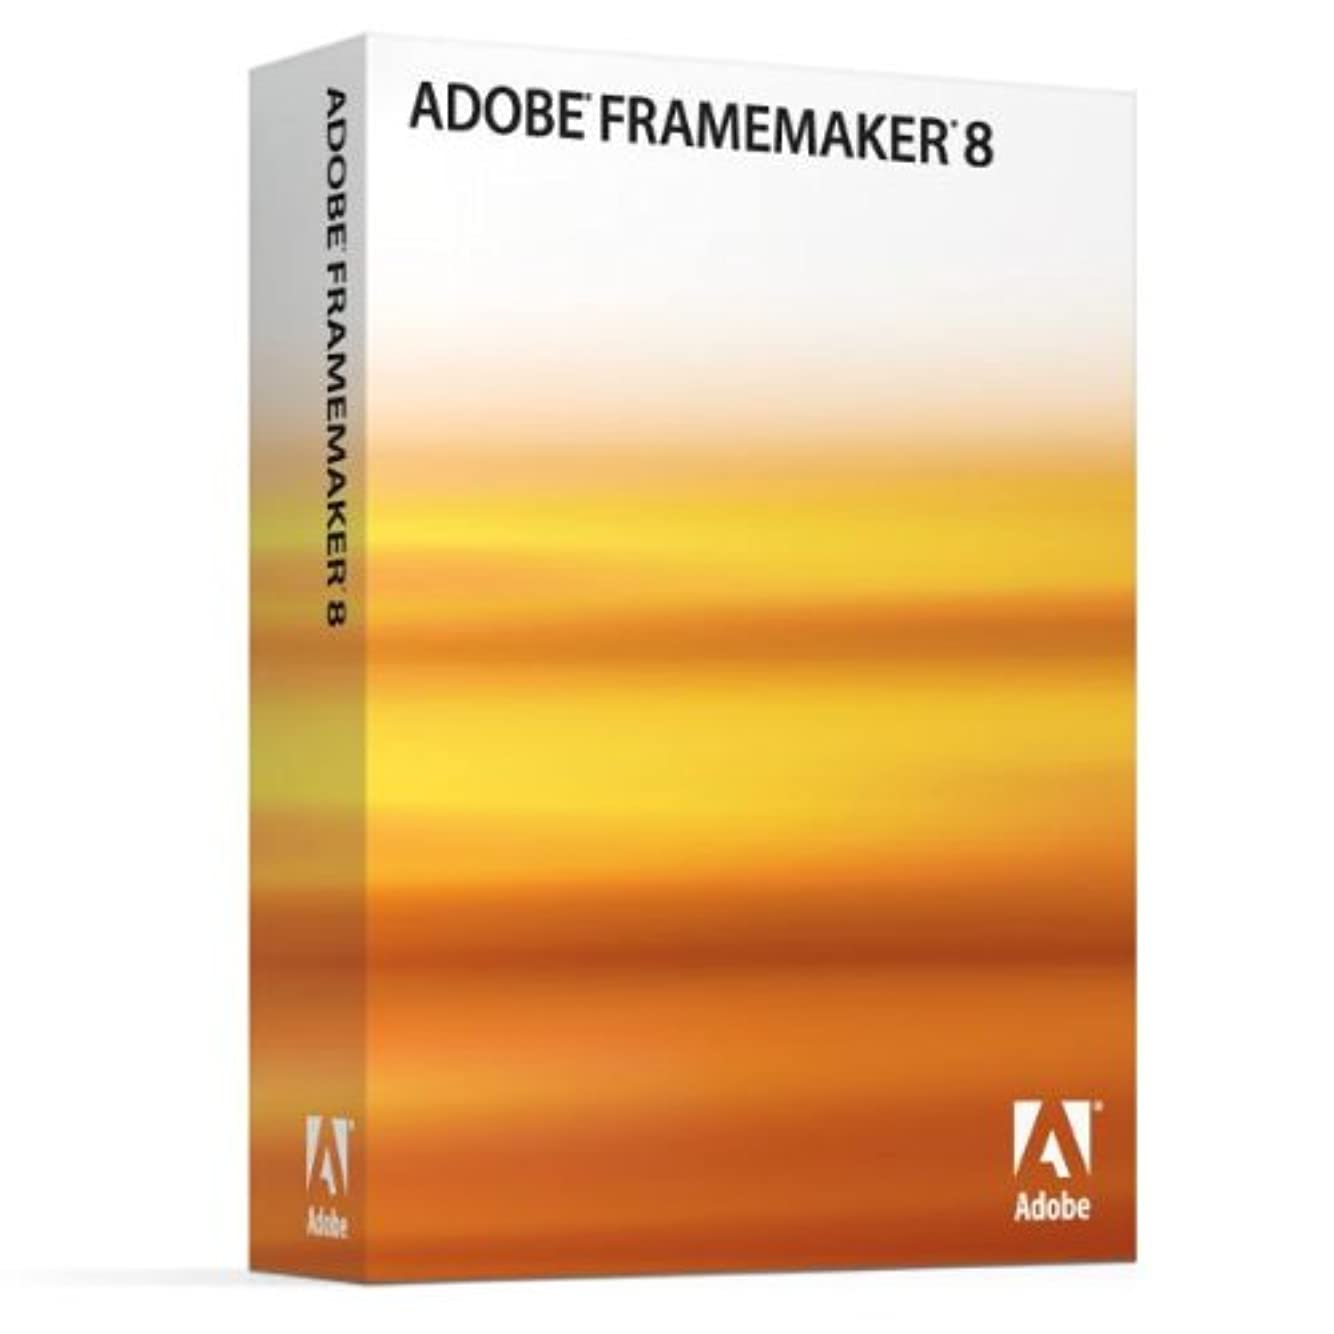 トレイ爵流用する【旧商品】Adobe FrameMaker Shared 8.0 日本語版 アップグレード版 SITE SOLARIS版 (旧価格品)